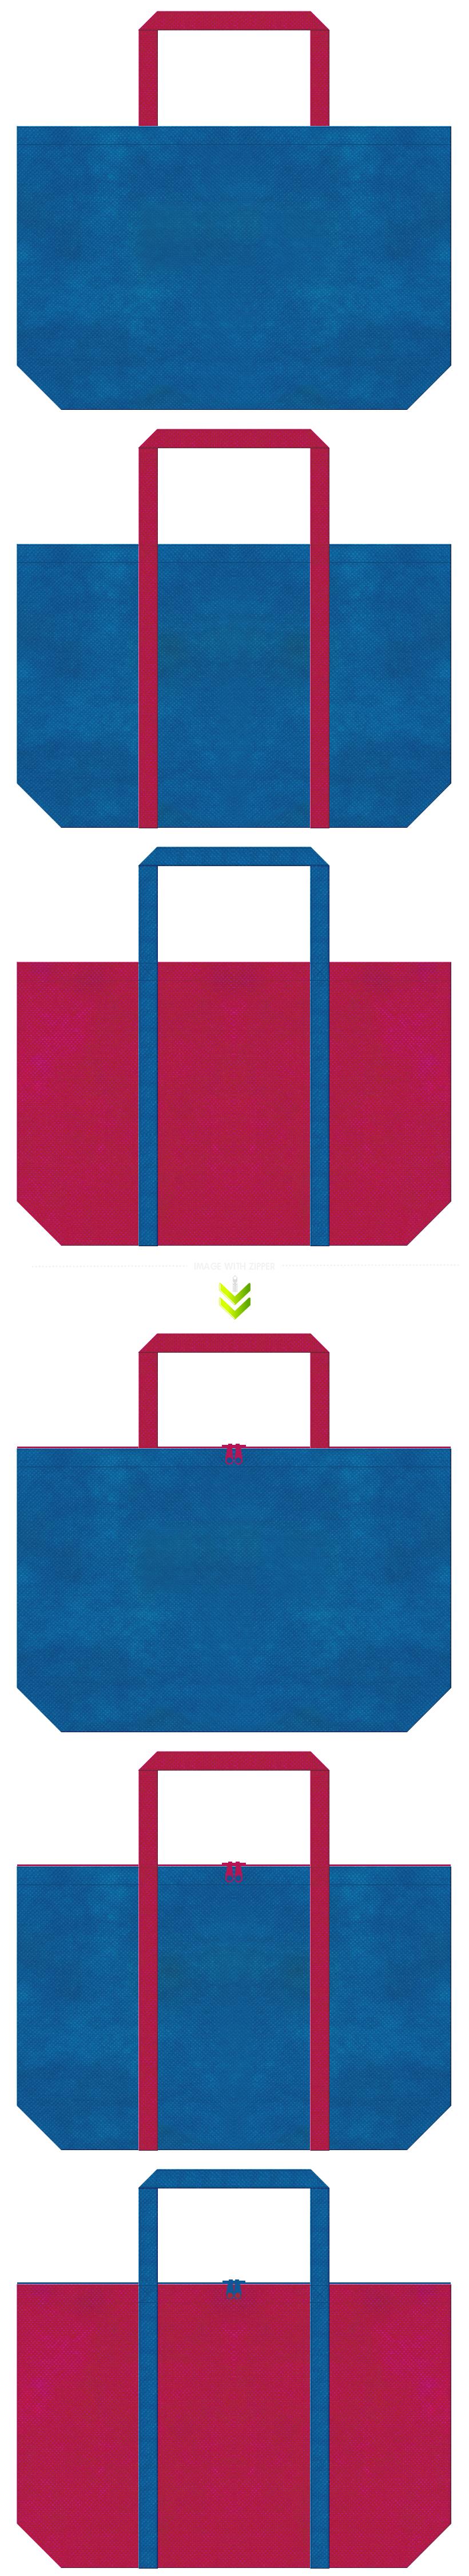 おもちゃ・テーマパーク・ロボット・ラジコン・ホビーのショッピングバッグにお奨めの不織布バッグデザイン:青色と濃いピンク色のコーデ